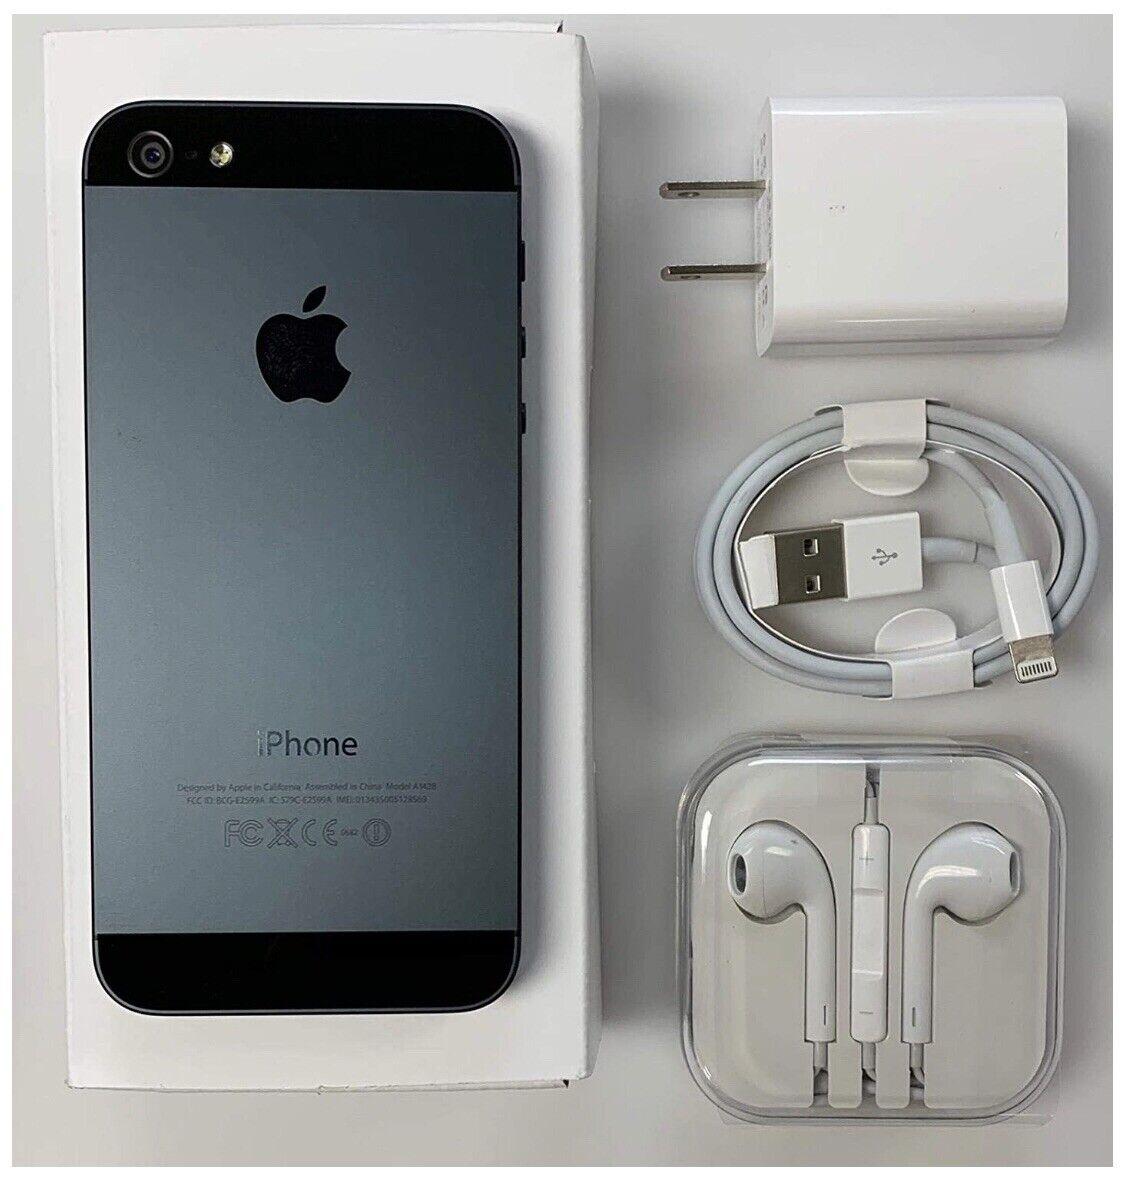 Apple iPhone 5 – 16GB – Black- Unlocked